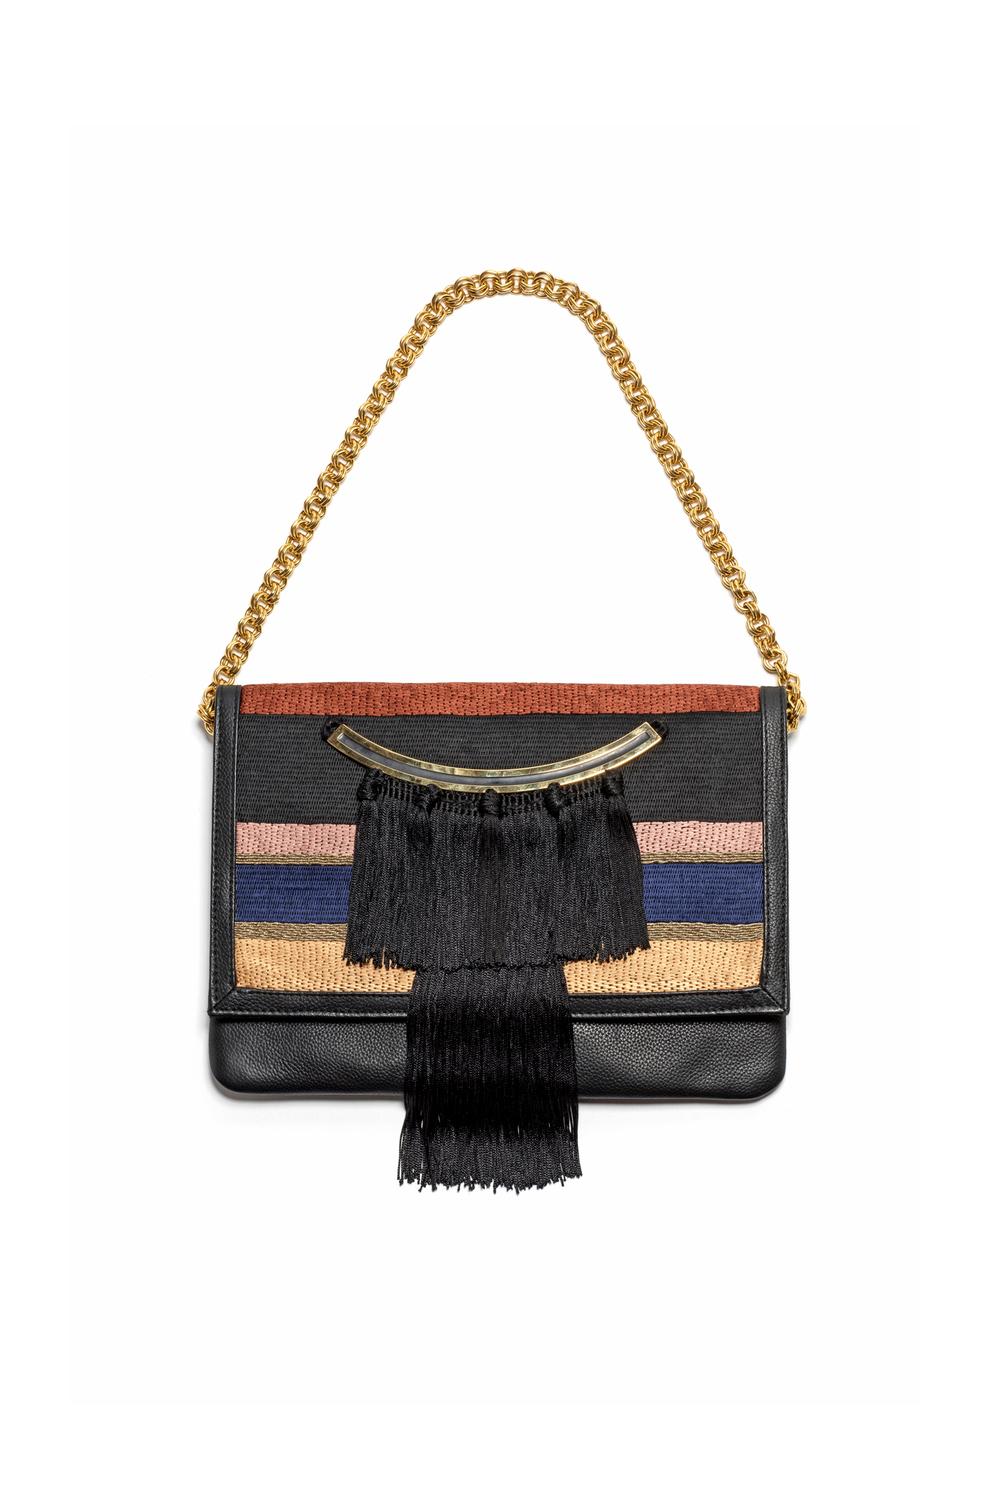 07-07-accessories-trends-fall-2015-tassels.jpg